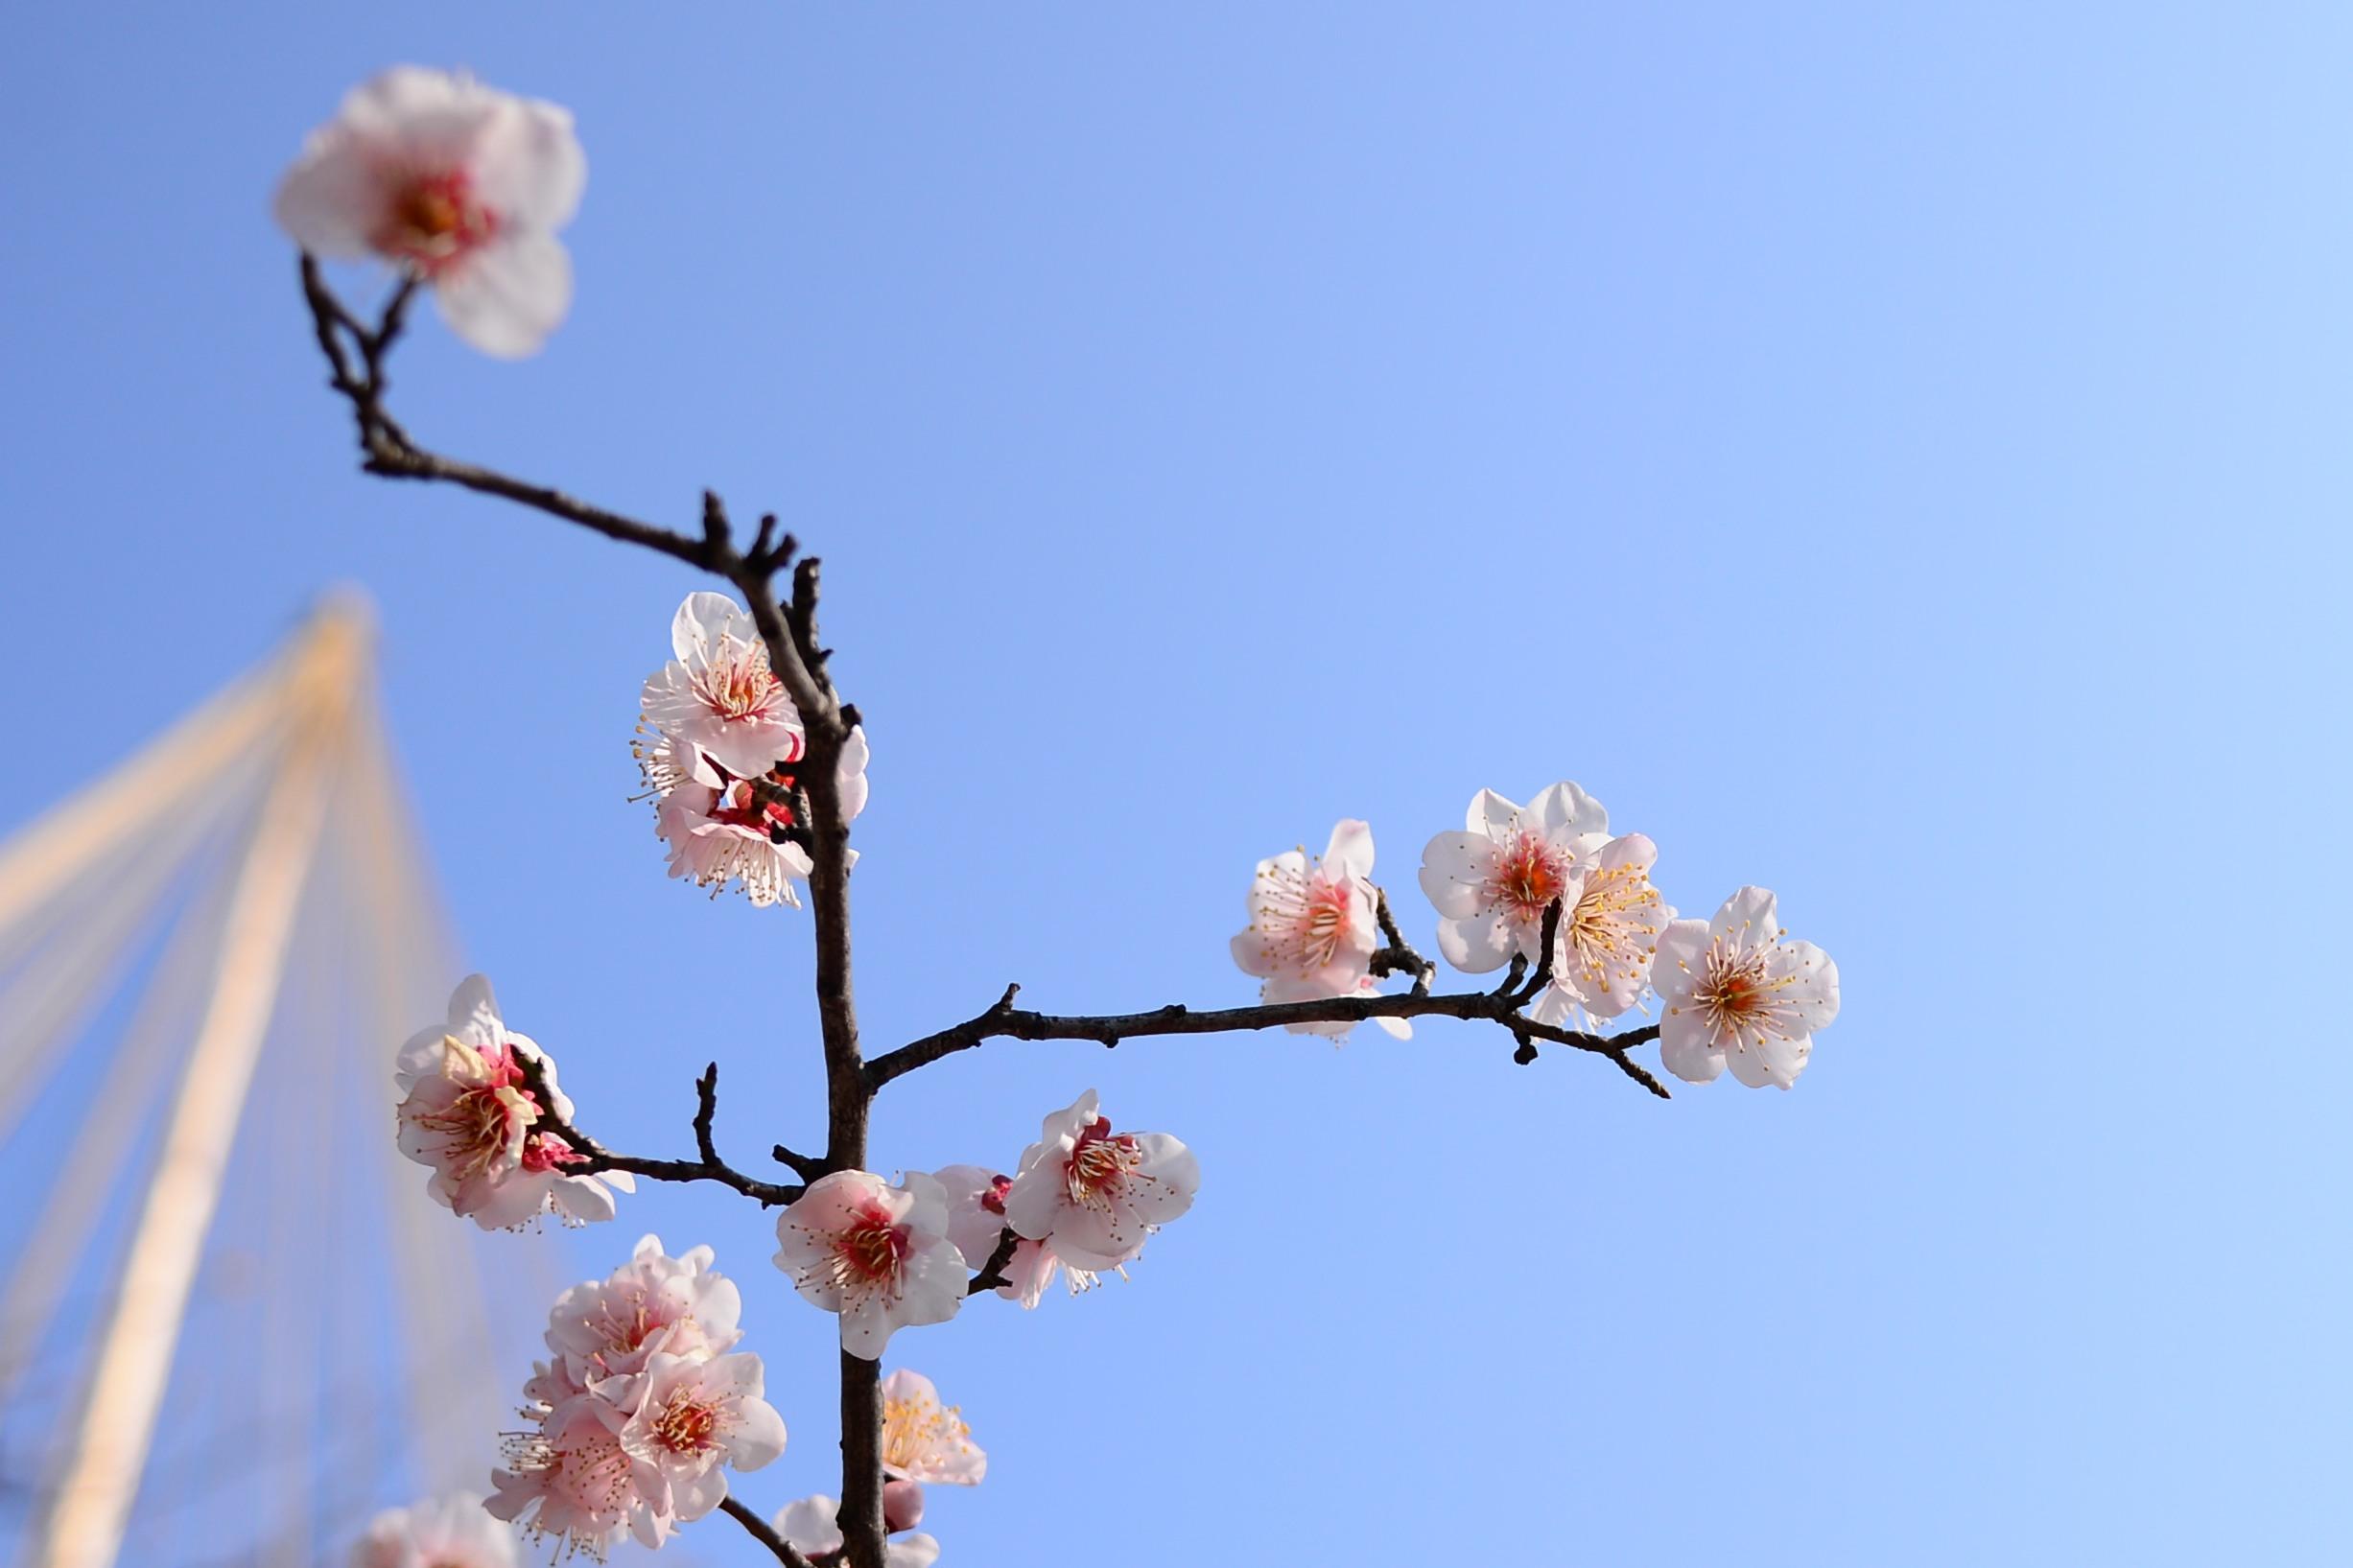 Wallpaper Sunlight Sky Winter Branch Blue Morning Blossoms